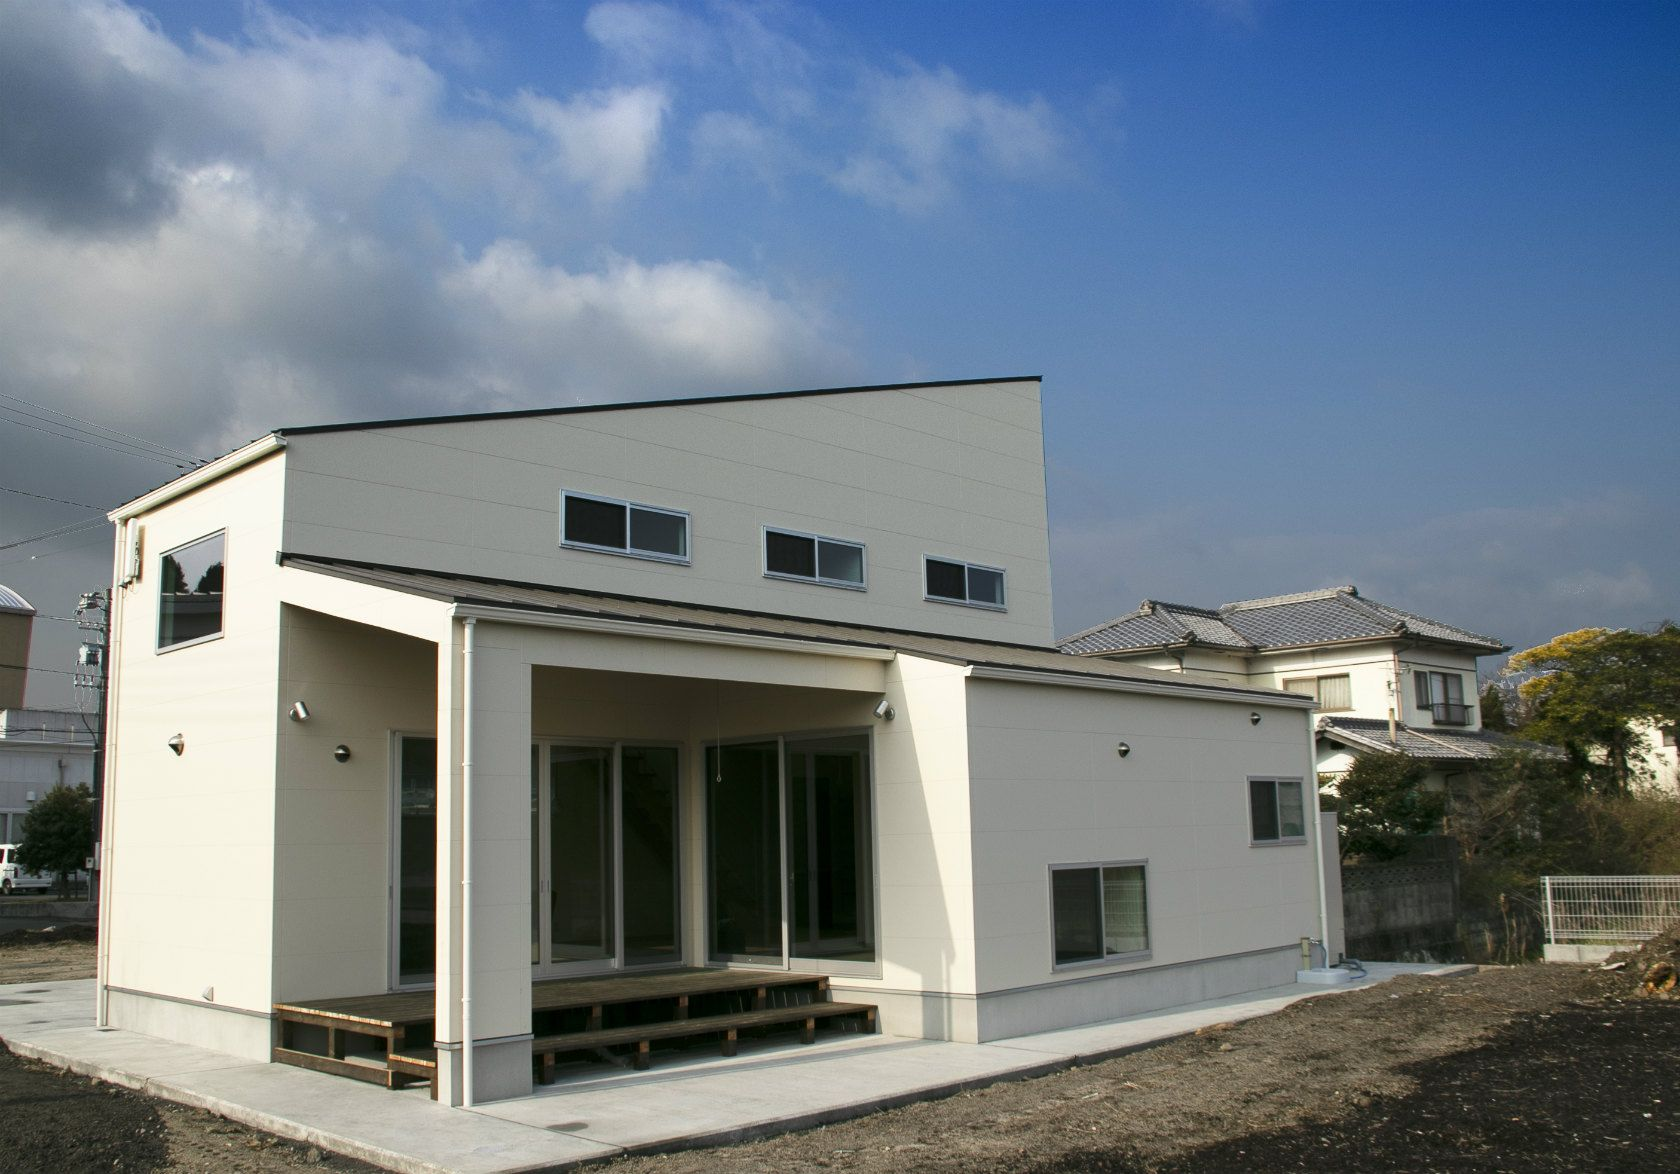 広い庭と屋根のあるデッキがつながる開放感のある家 大崎上島町